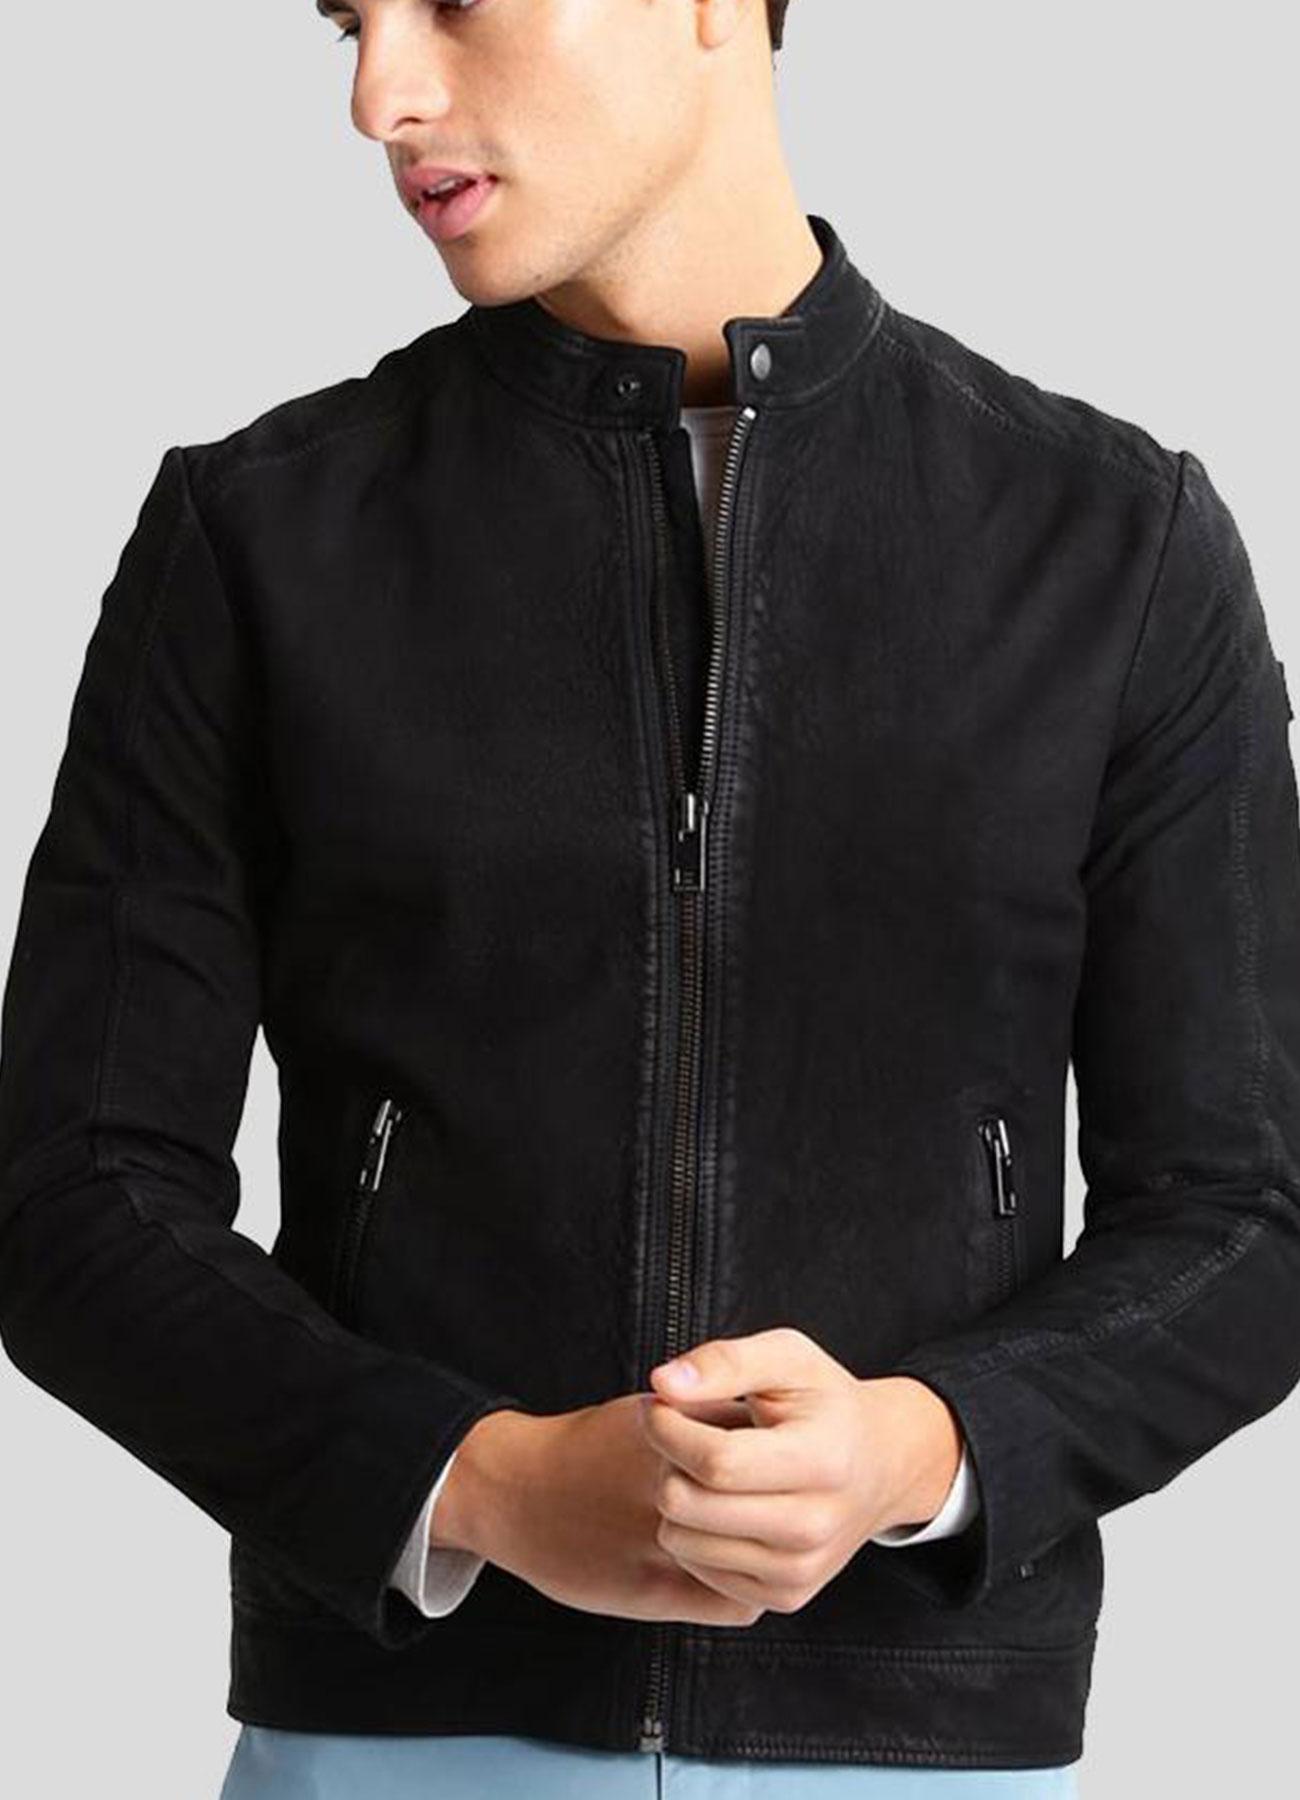 Men's Black Suede Leather Racer Jacket